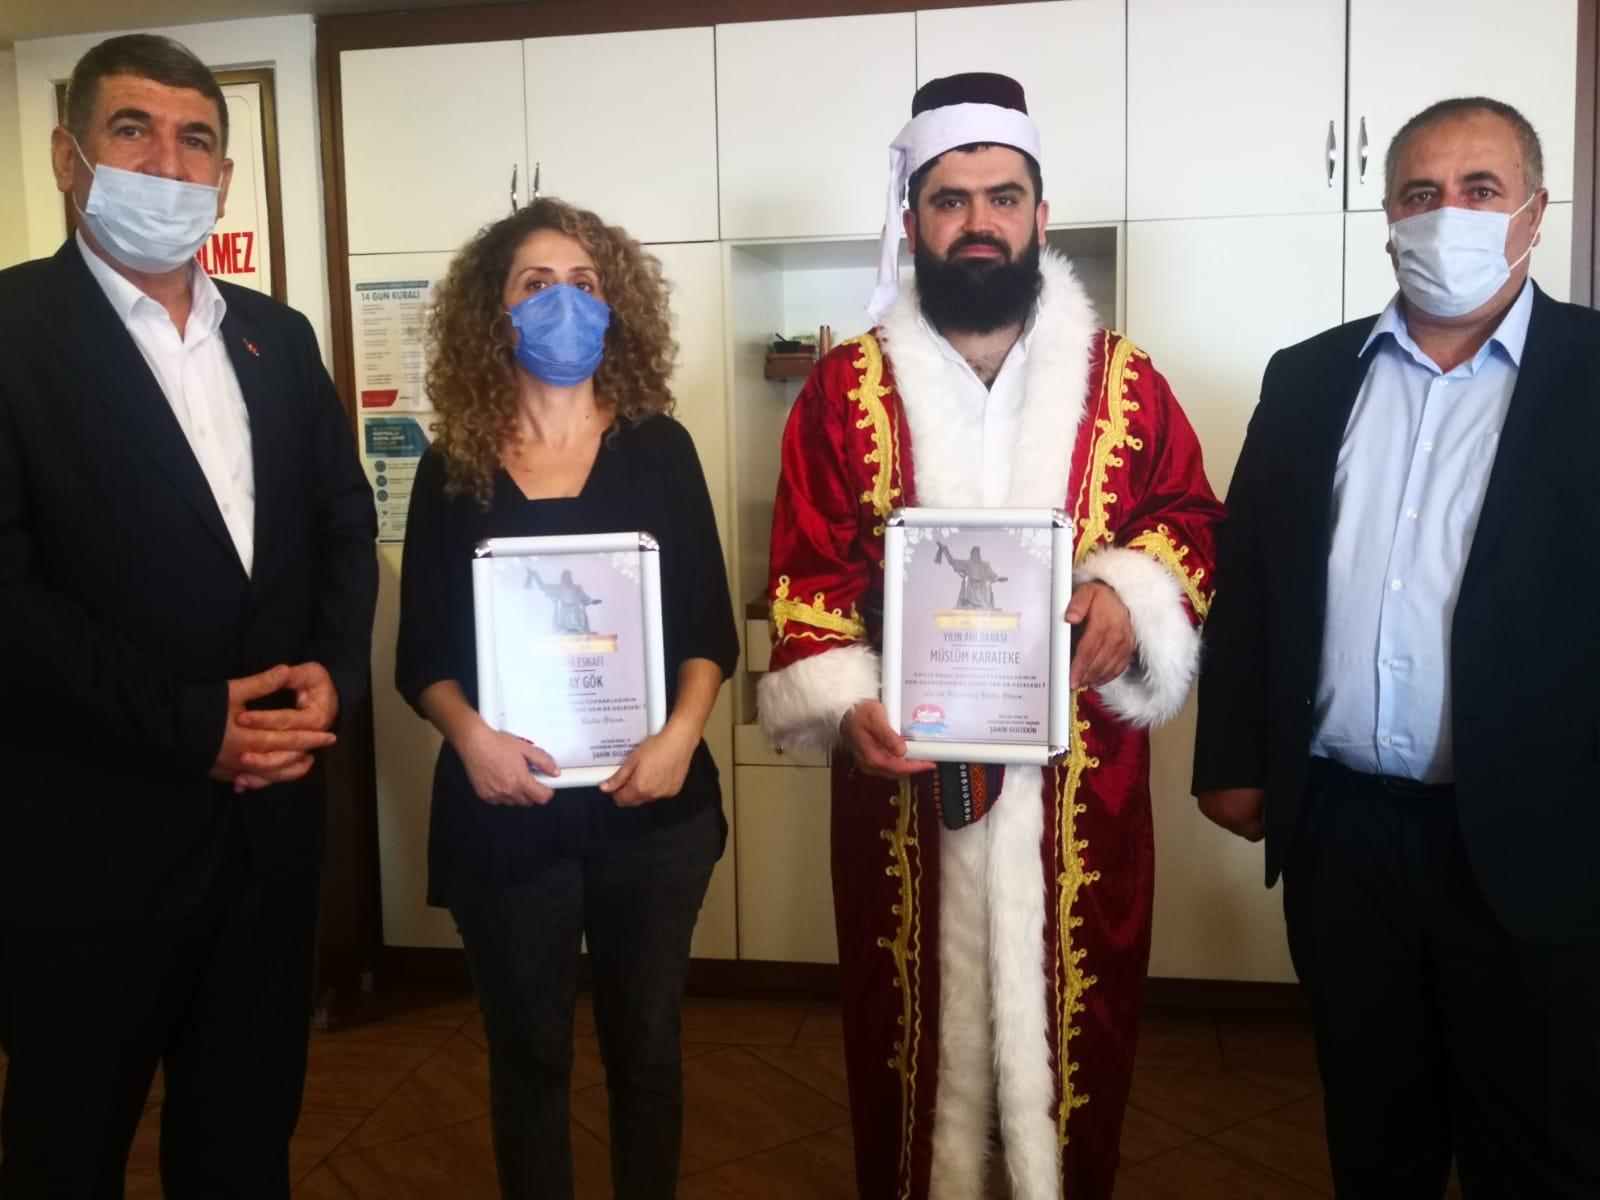 Müslüm Karateke 'Yılın Ahi Babası' seçildi